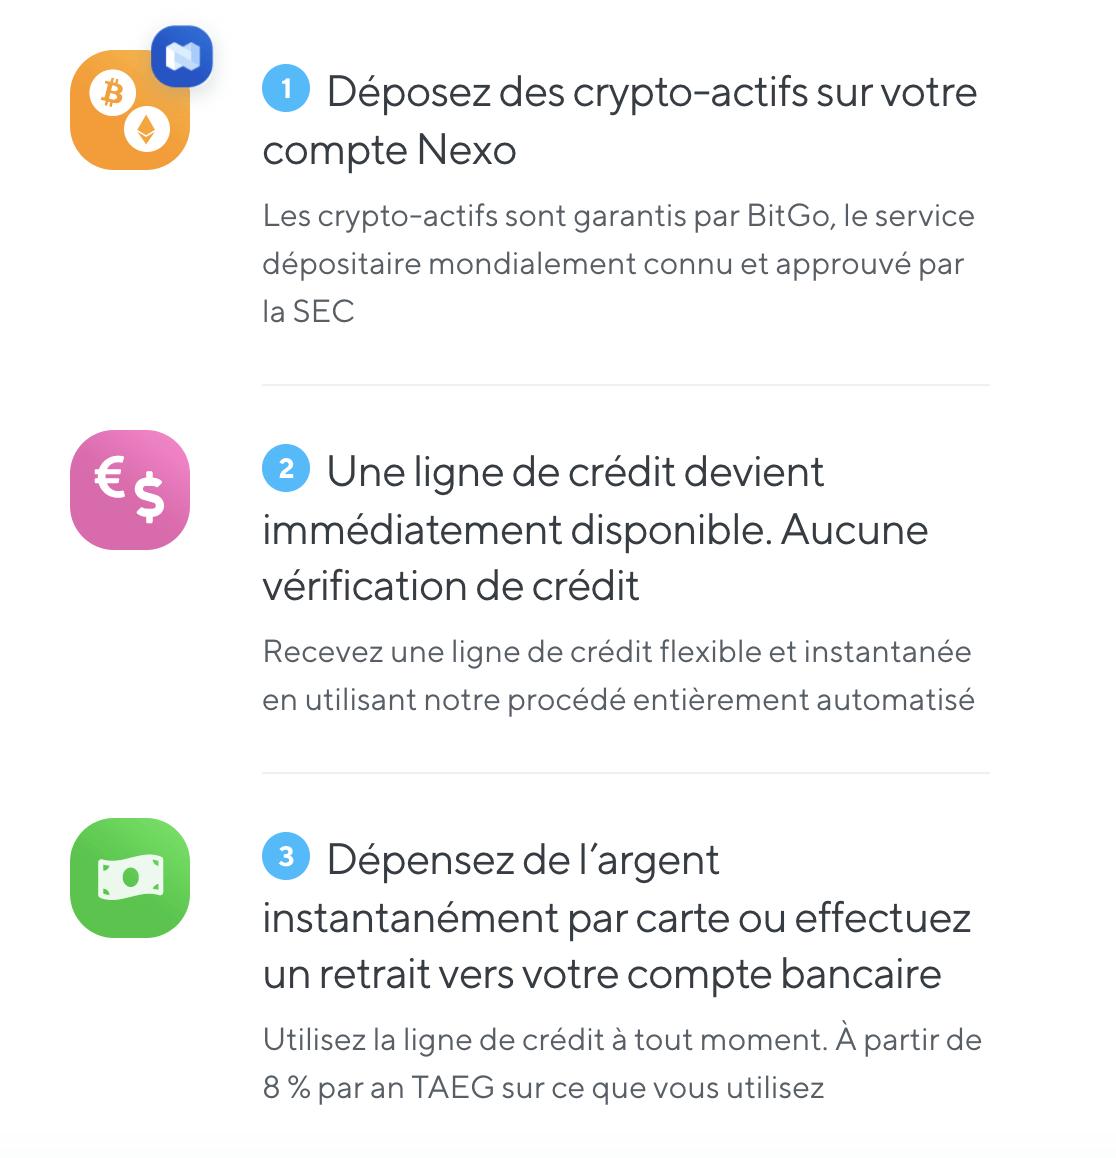 Les 3 étapes pour obtenir son prêt sur Nexo.